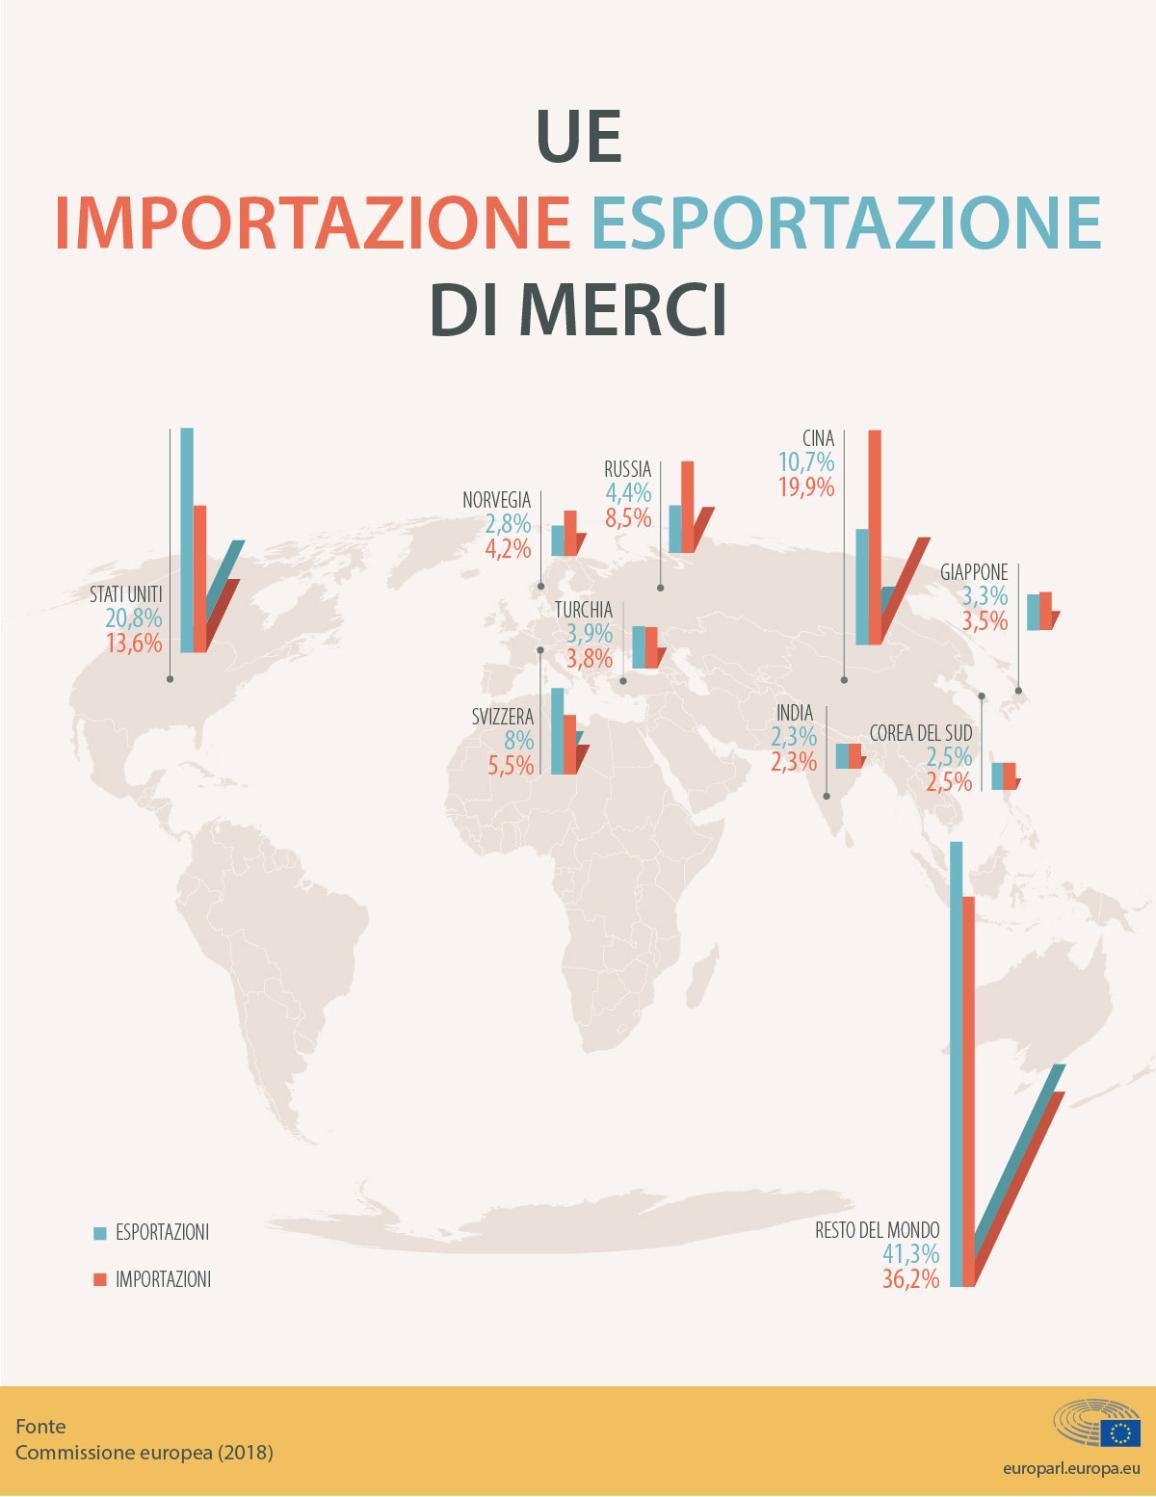 Infografica sulle importazioni ed esportazioni